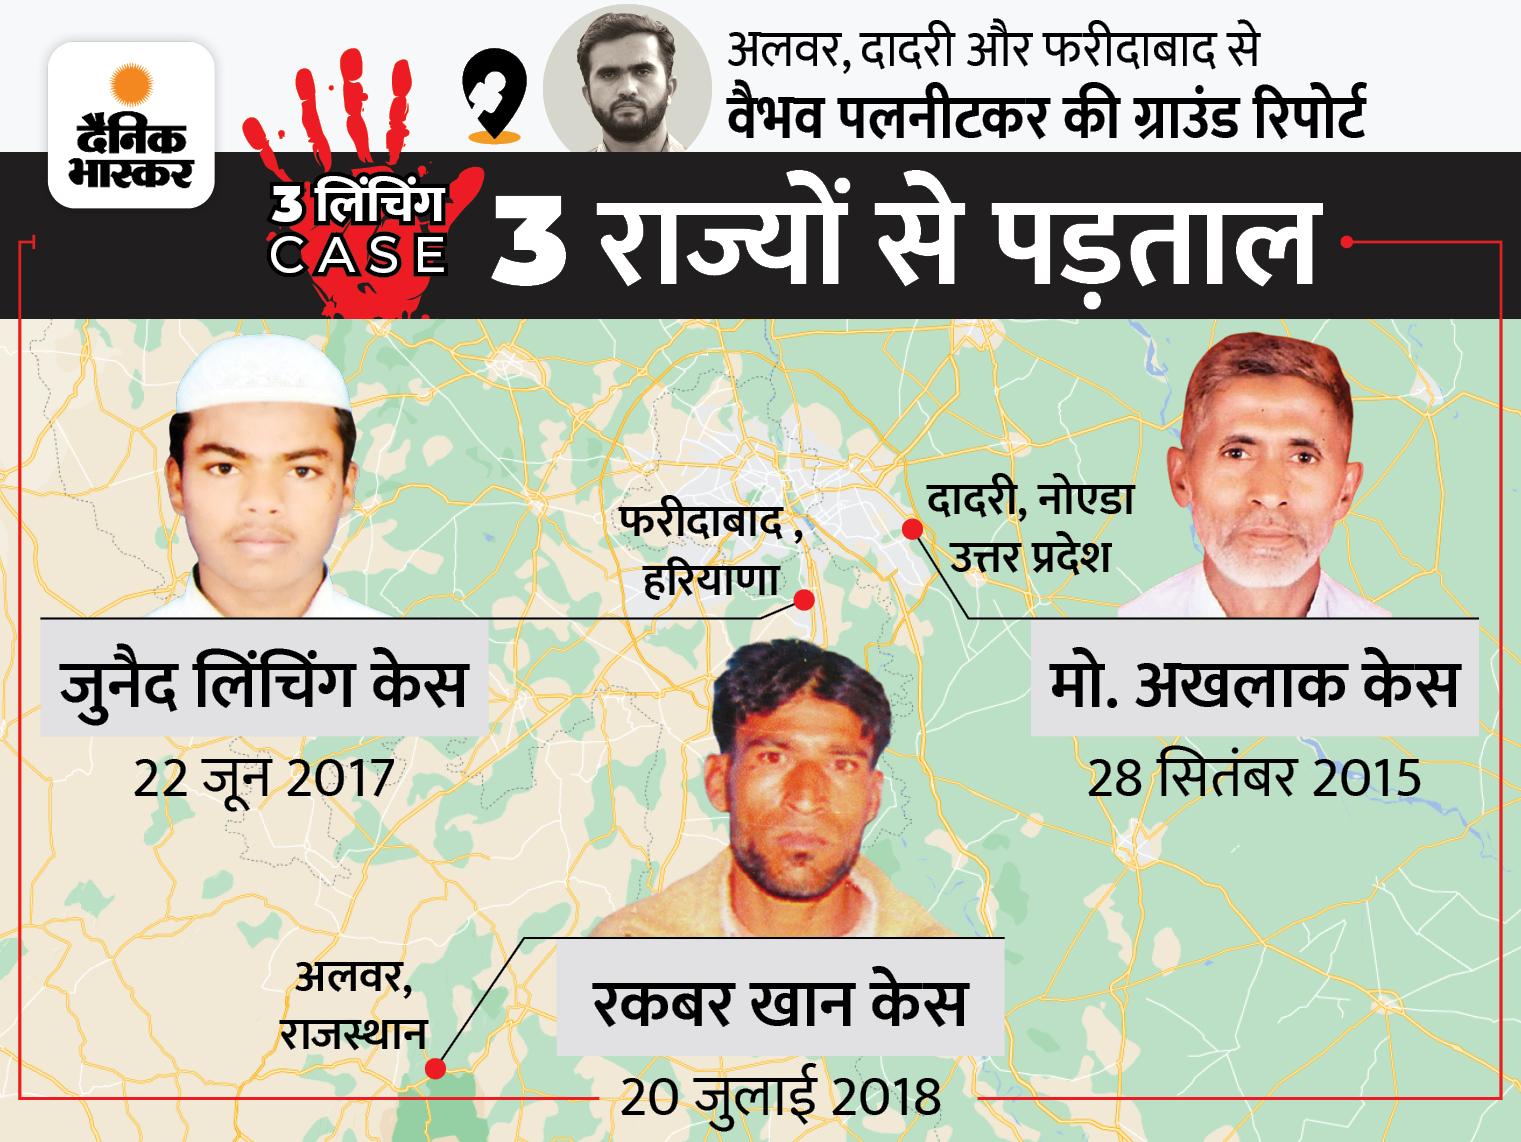 6 साल बाद भी अखलाक केस सेशन कोर्ट में अटका, रकबर के मामले में 100 से ज्यादा सुनवाई; 3 केस में 28 में से 25 आरोपी जमानत पर बाहर|DB ओरिजिनल,DB Original - Dainik Bhaskar